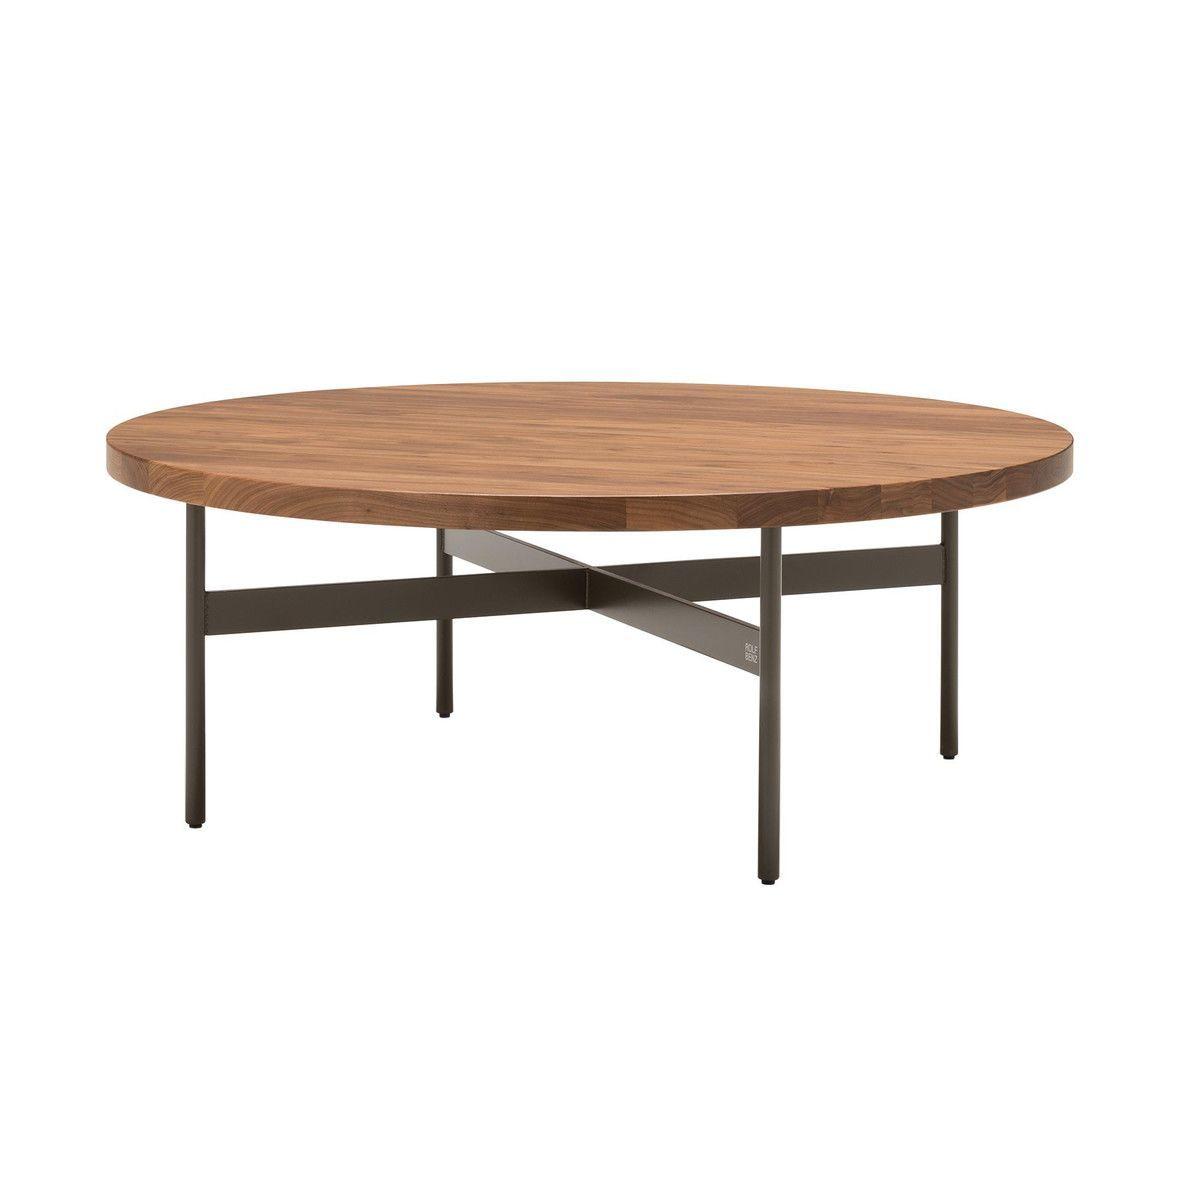 rolf benz 925 salontafel rolf benz. Black Bedroom Furniture Sets. Home Design Ideas